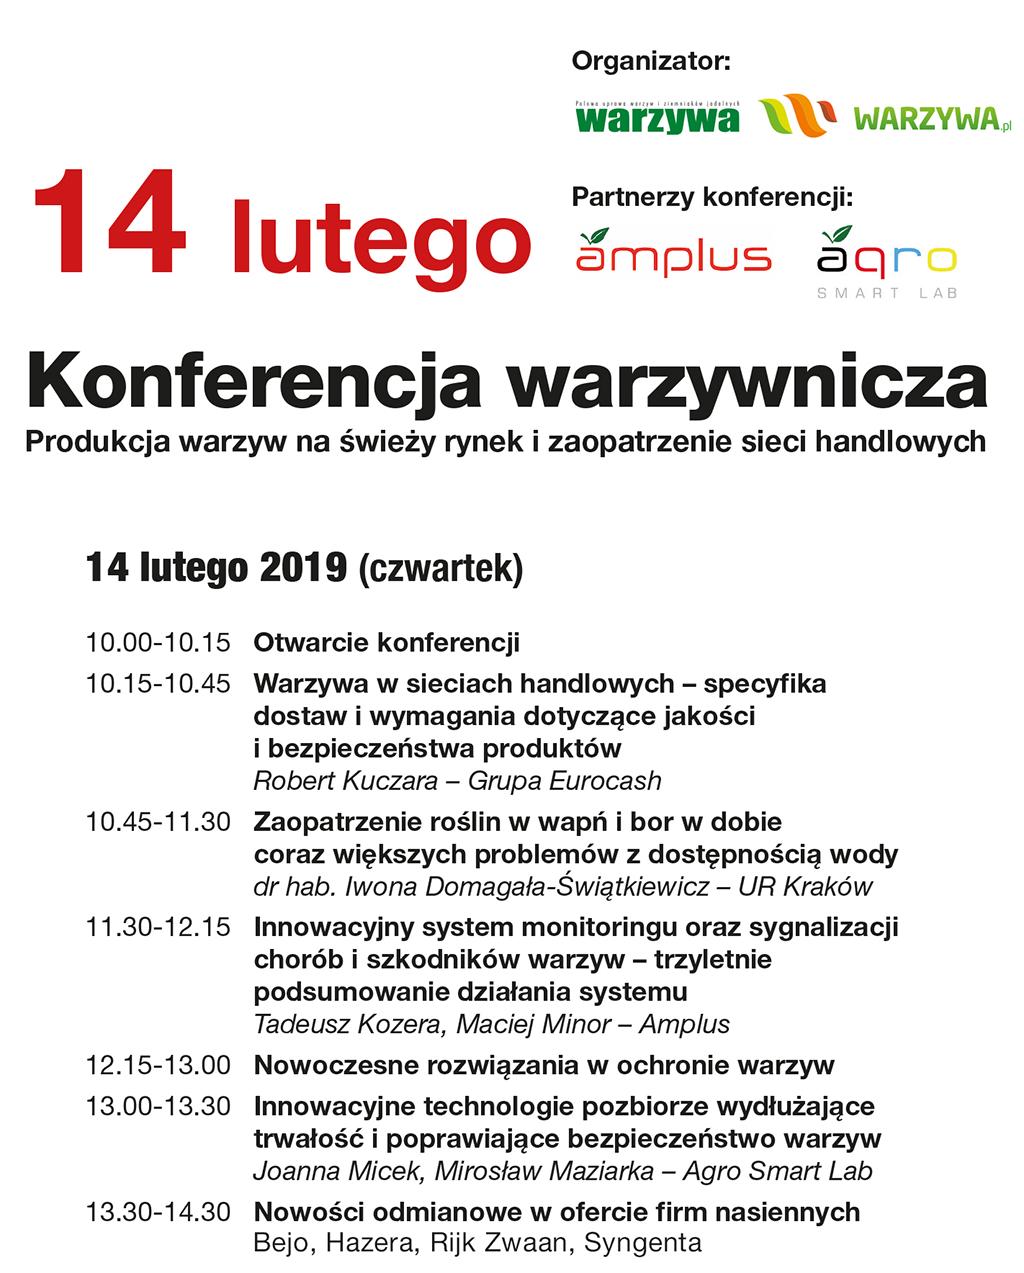 horti-tech 2019 - Konferencja warzywnicza - program